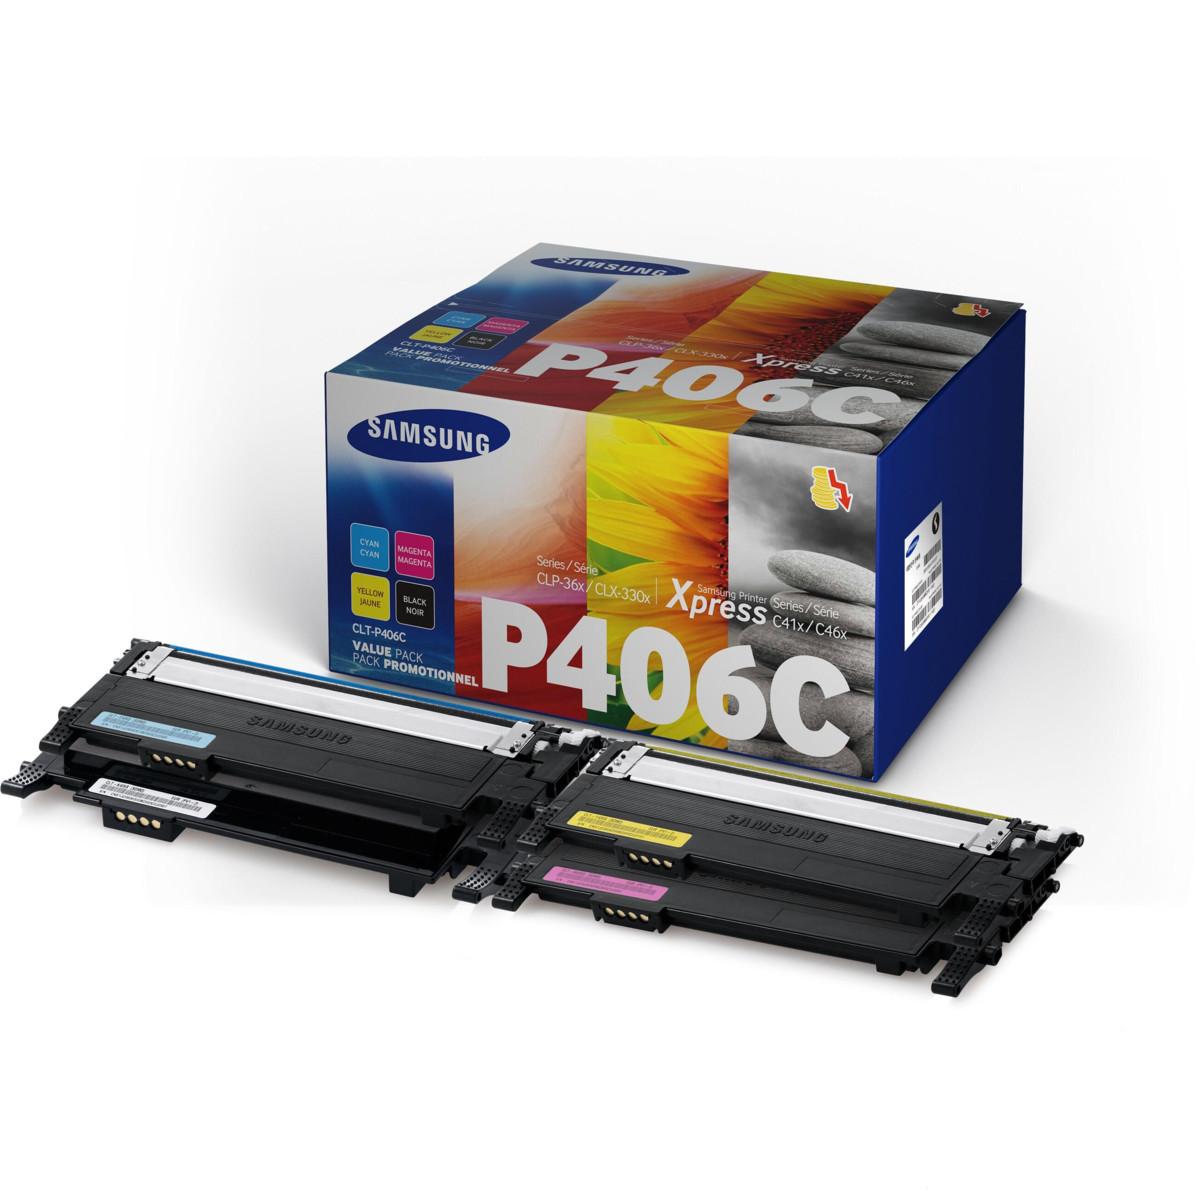 Toner Samsung CLT-P406C, HP SU375A - originálna sada tonerov (Multipack CMYK)